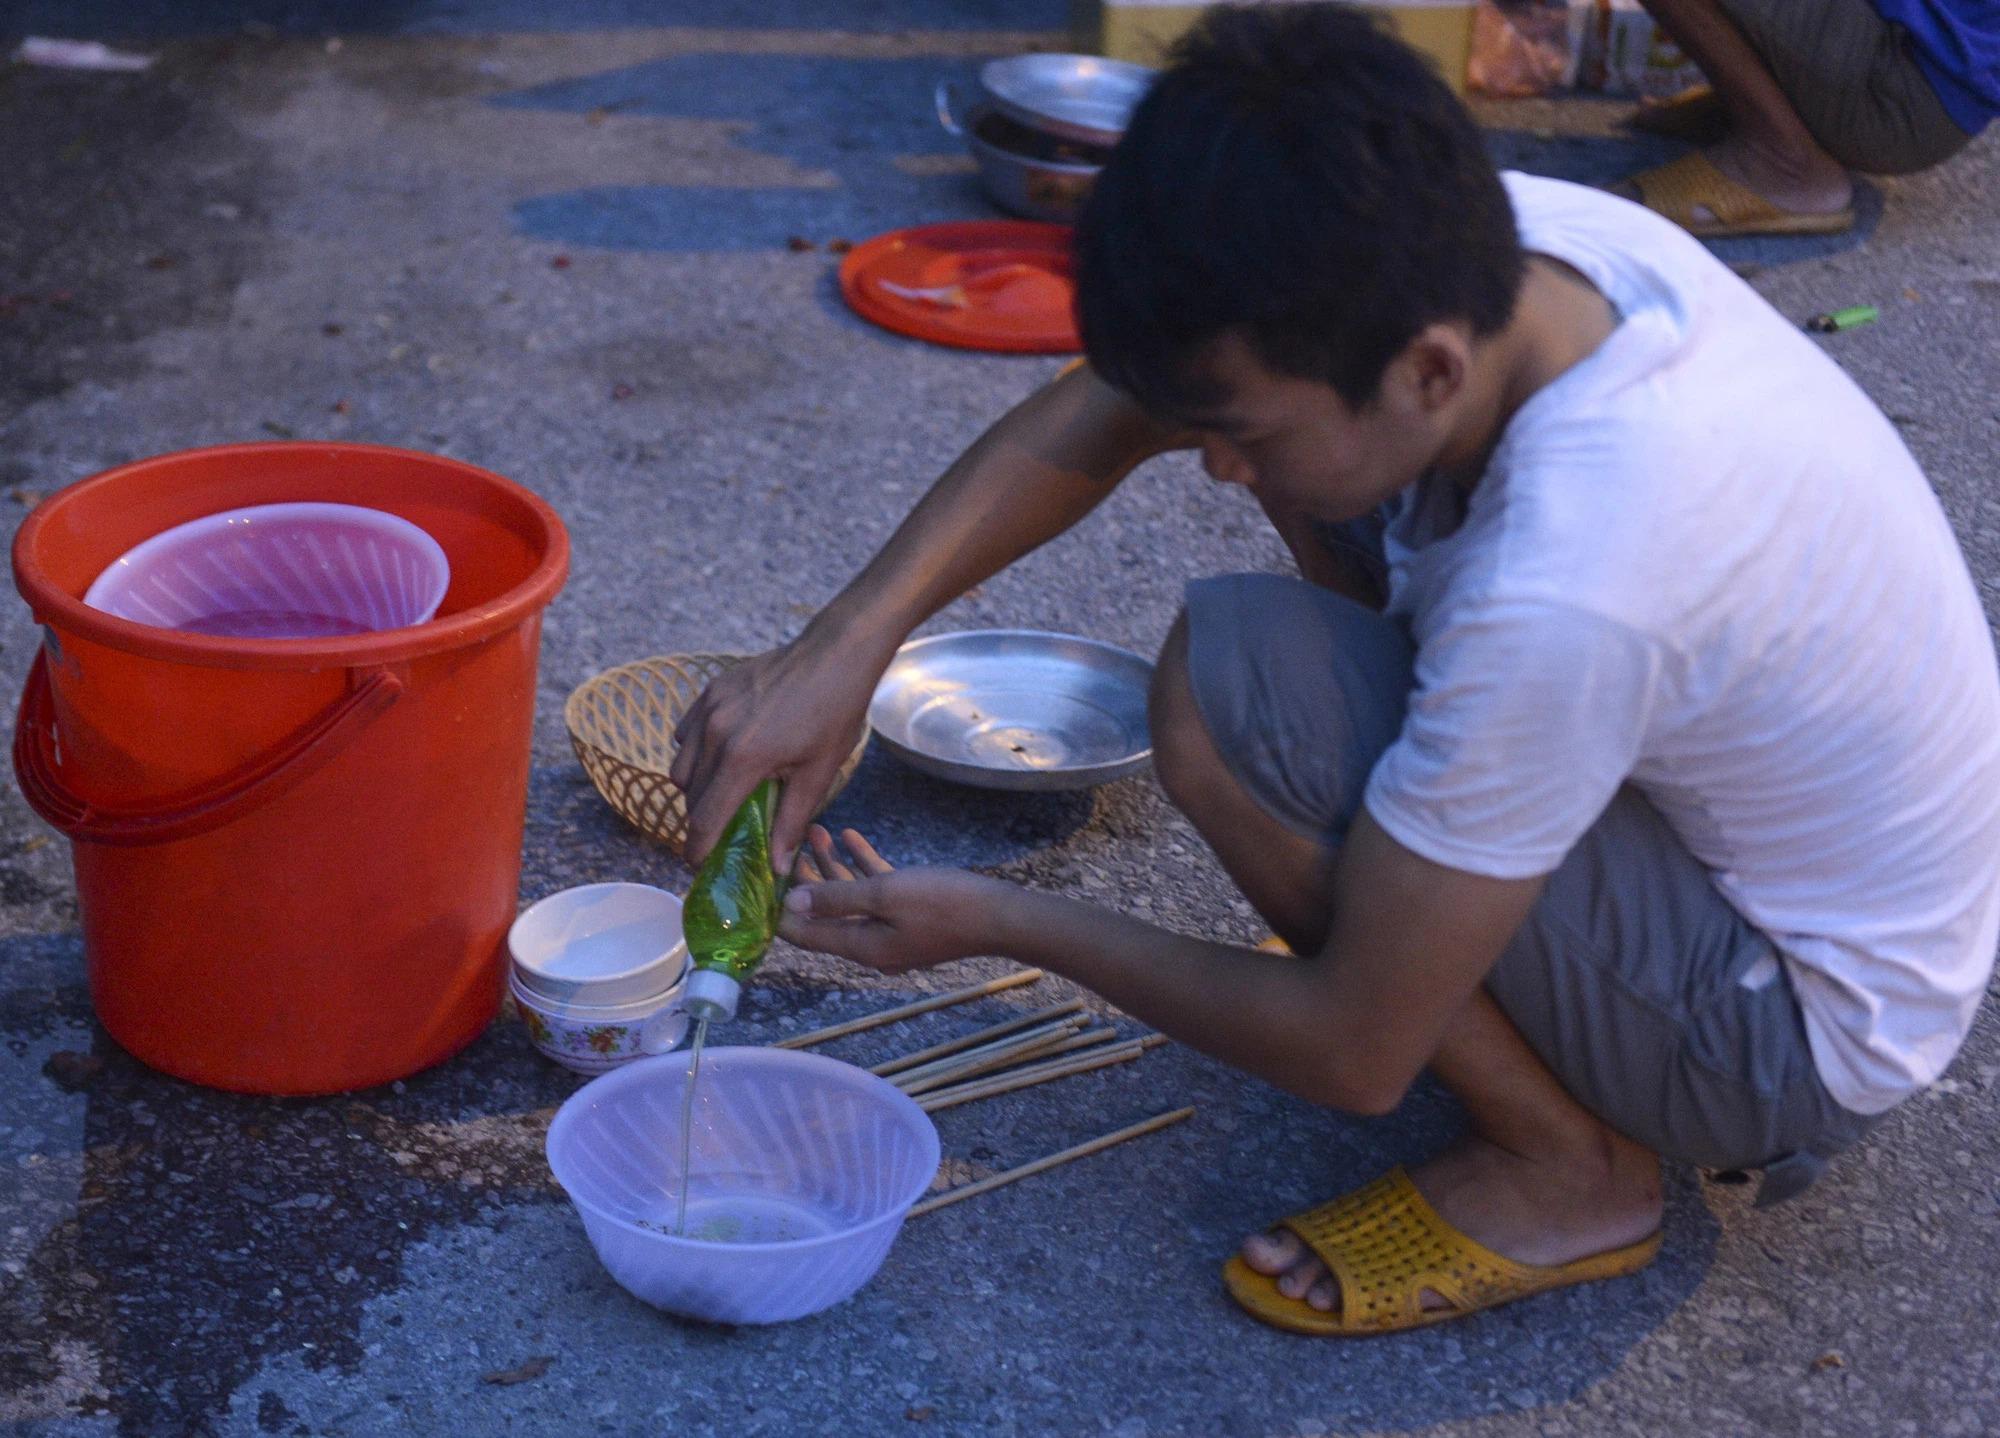 Nằm chờ gần 2 ngày để xin giấy 'luồng xanh' vào Hà Nội, tài xế xe đầu kéo nấu vội bữa cơm ngay cạnh đường - 12